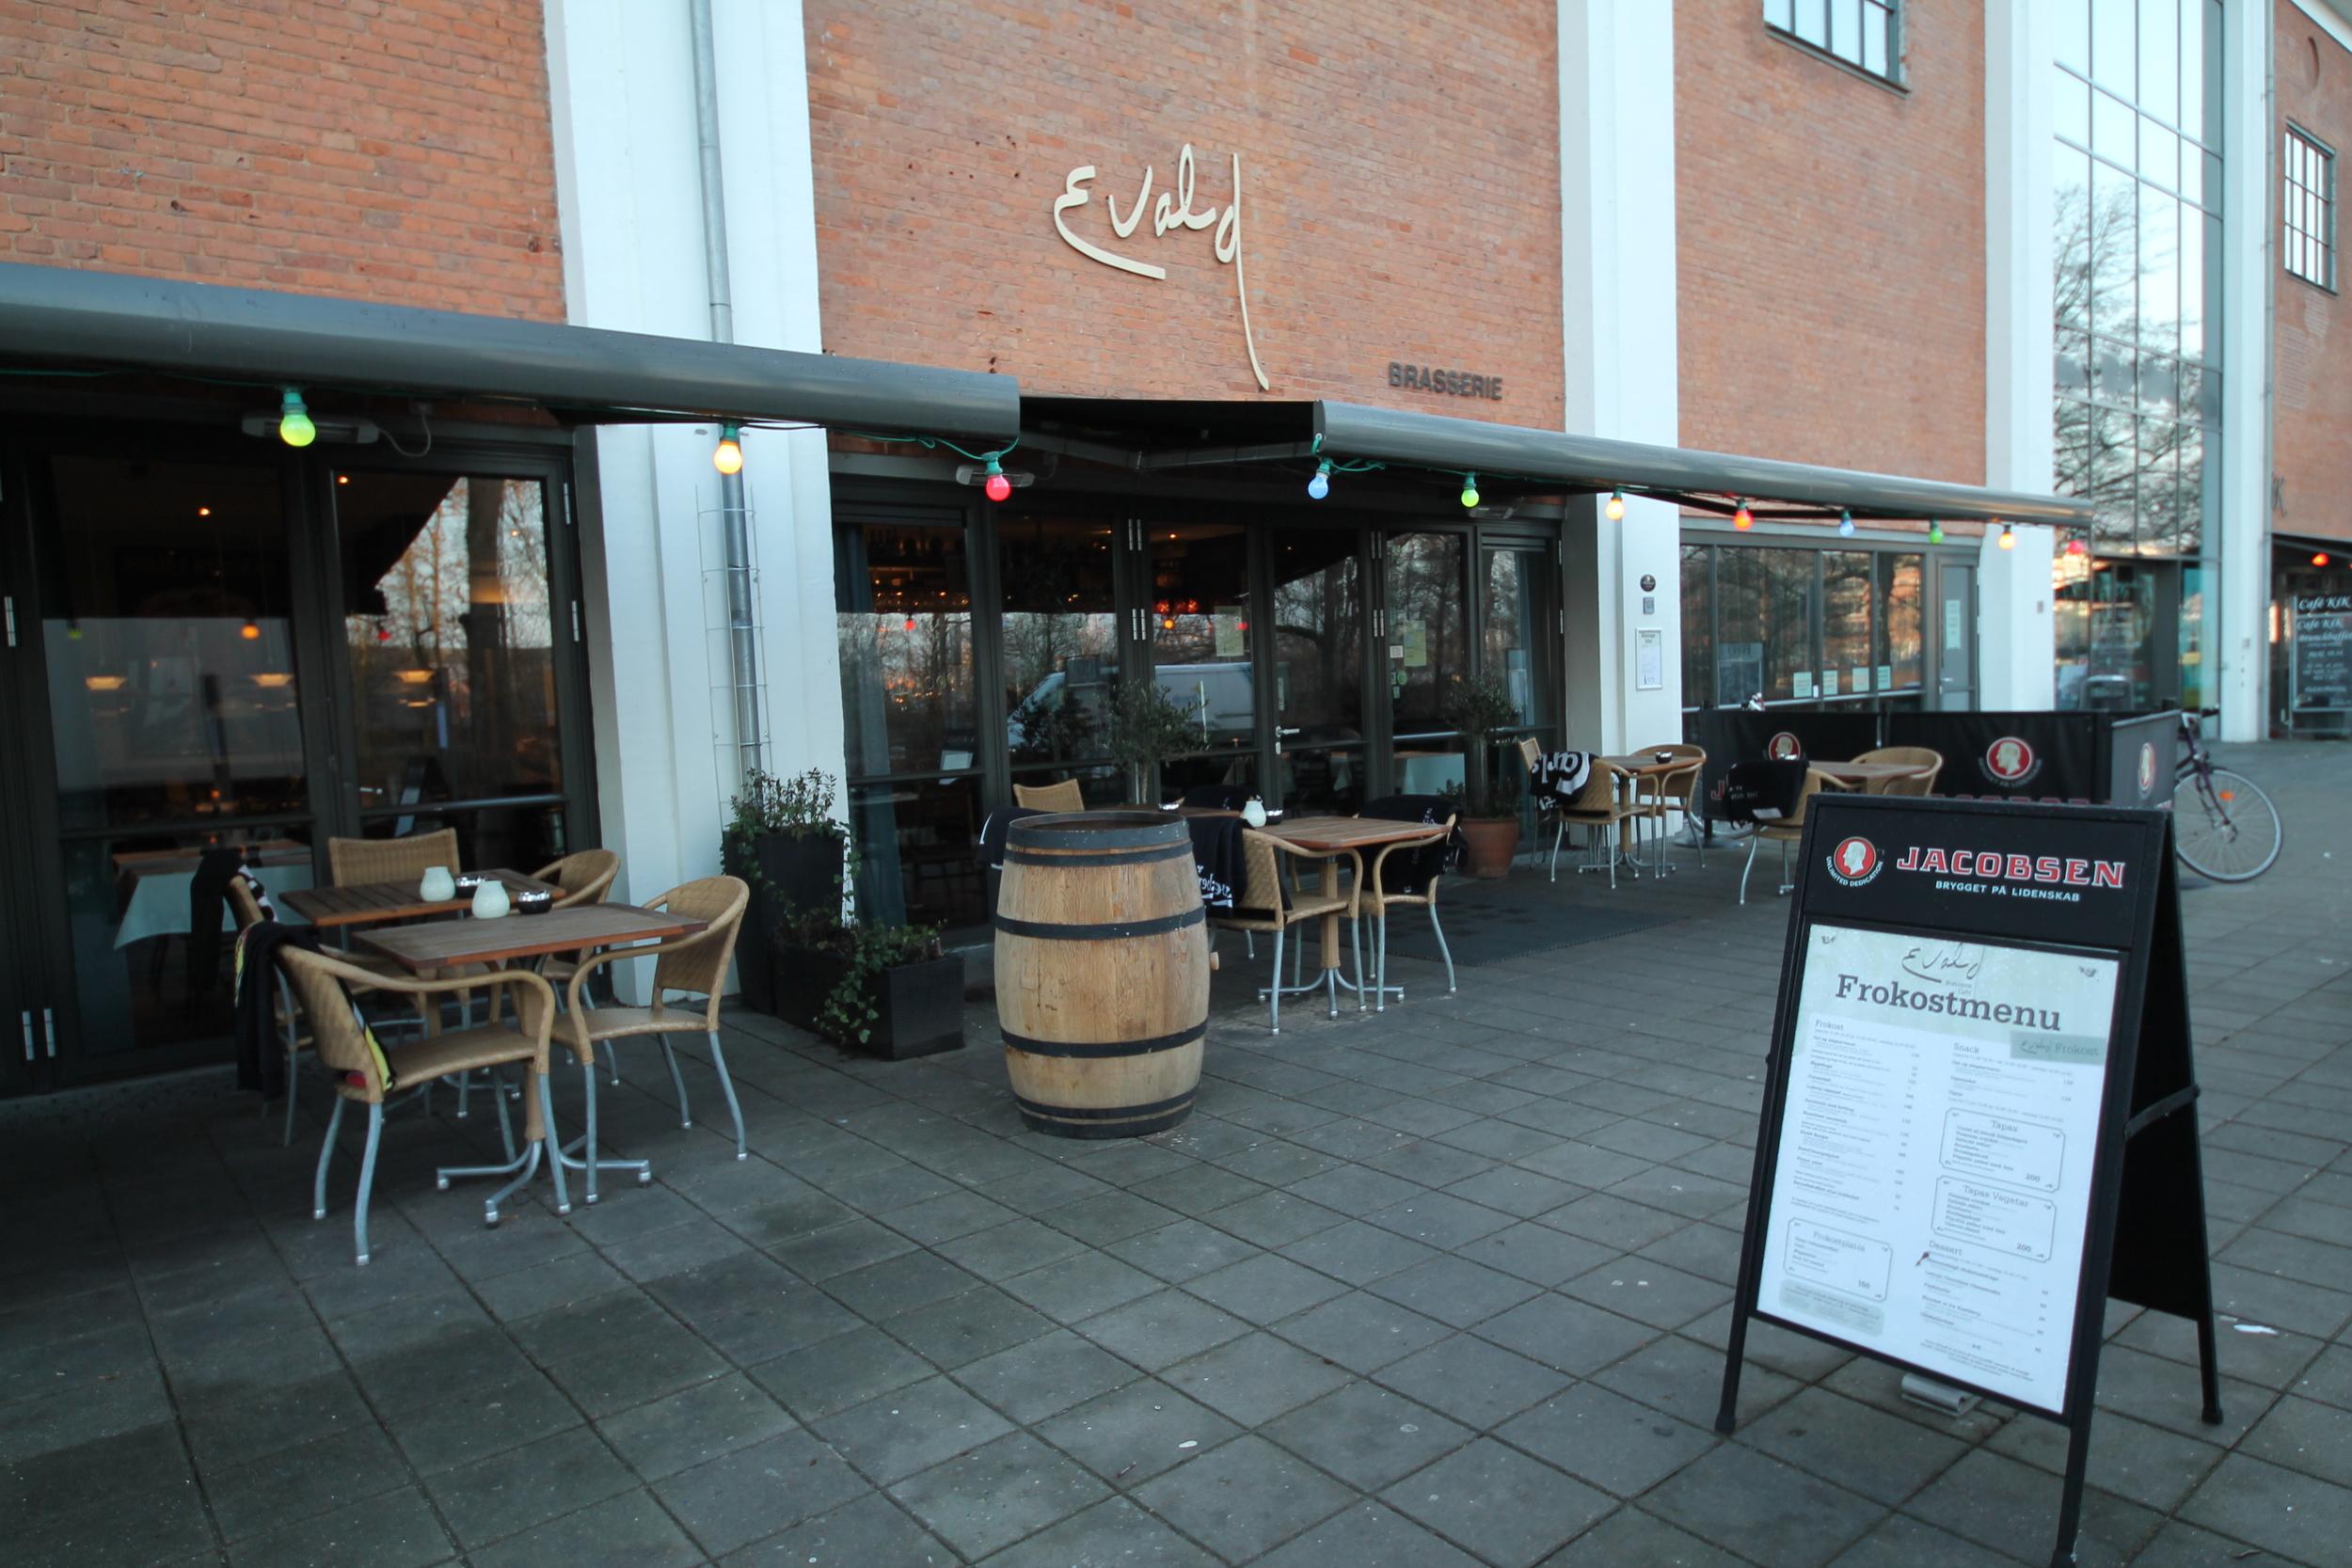 Cafe Evald3.JPG